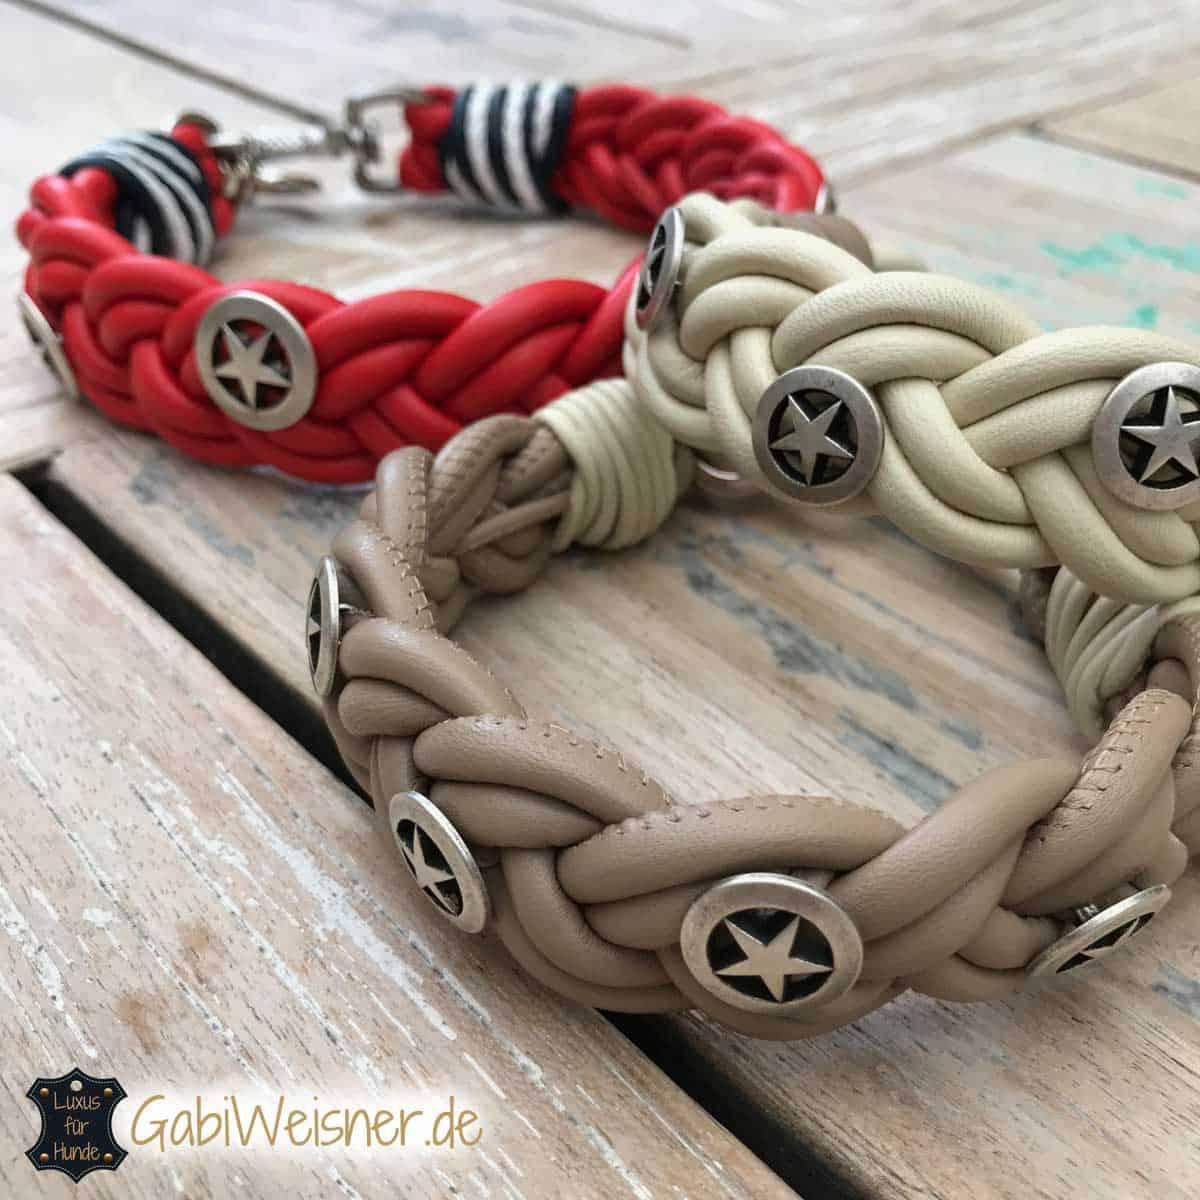 Hundehalsband aus Nappaleder geflochten und mit Sheriffsternen dekoriert